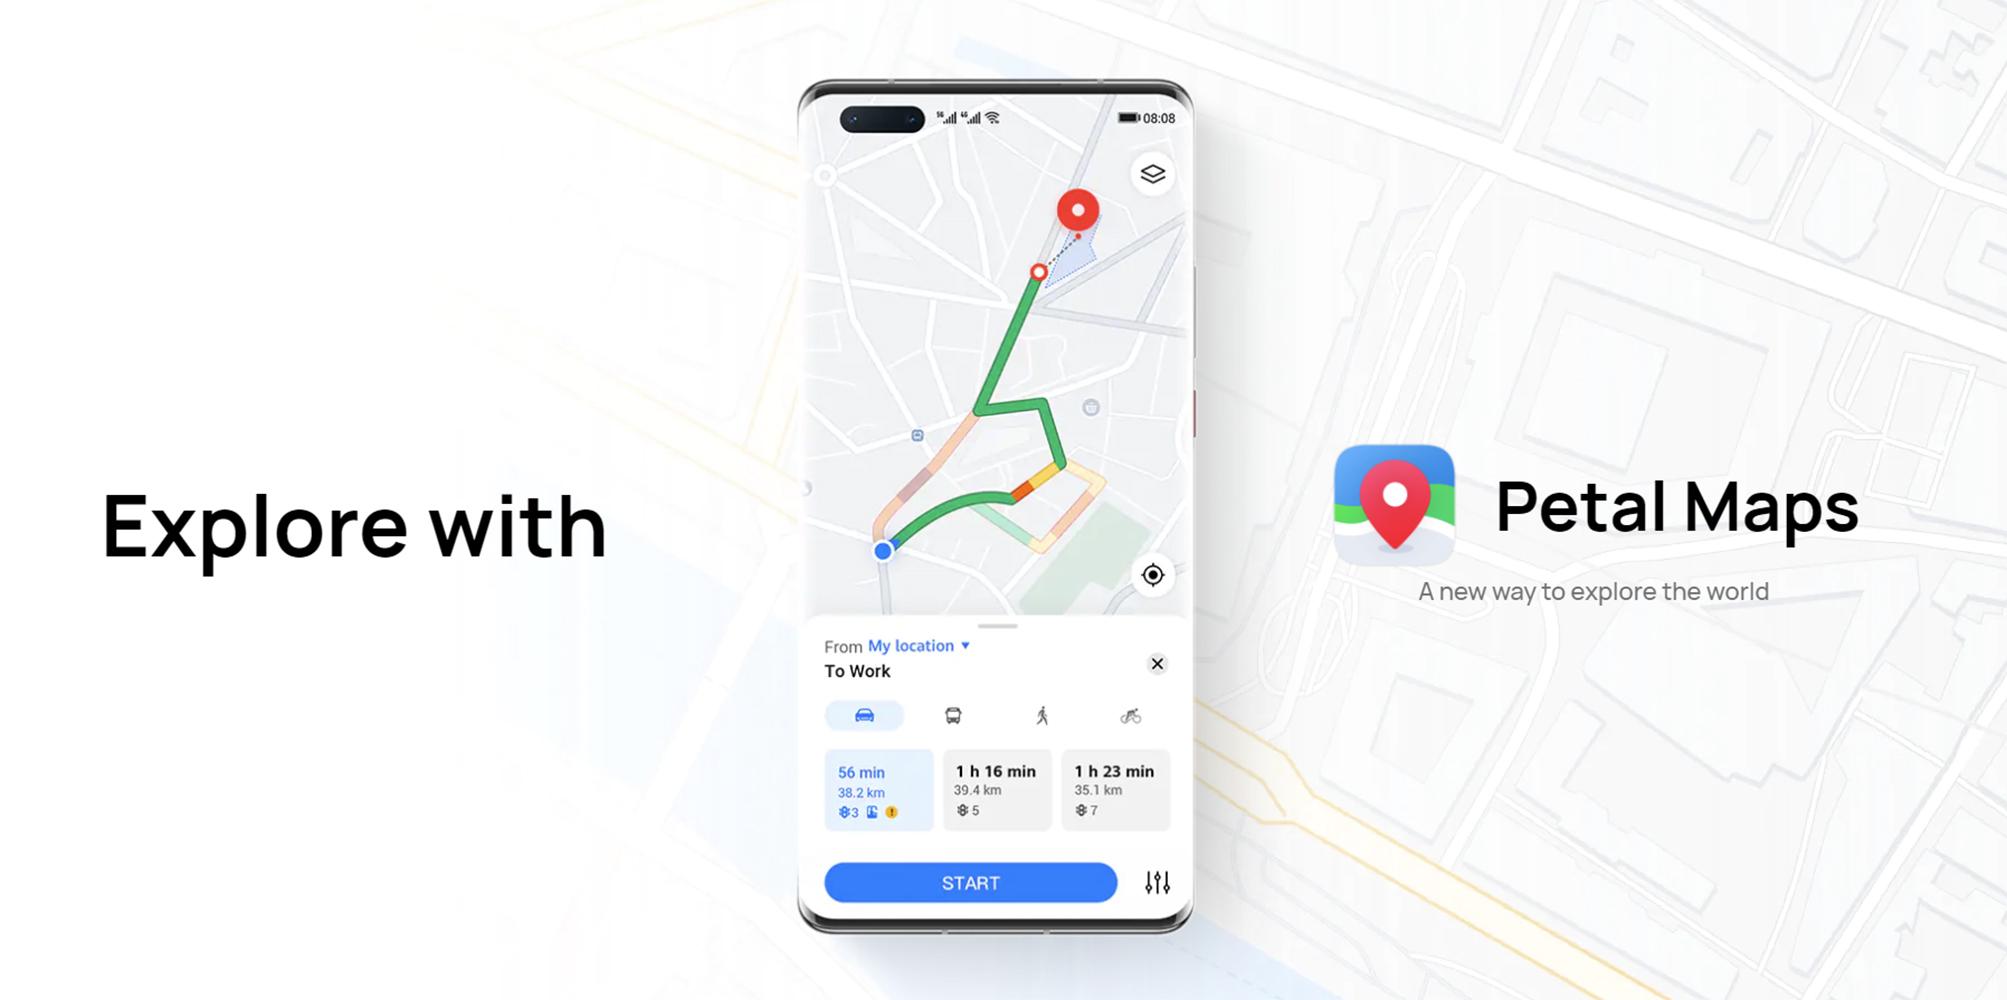 Mayor privacidad y seguridad con las funciones de Petal Maps para evitar el robo de datos y su uso indebido